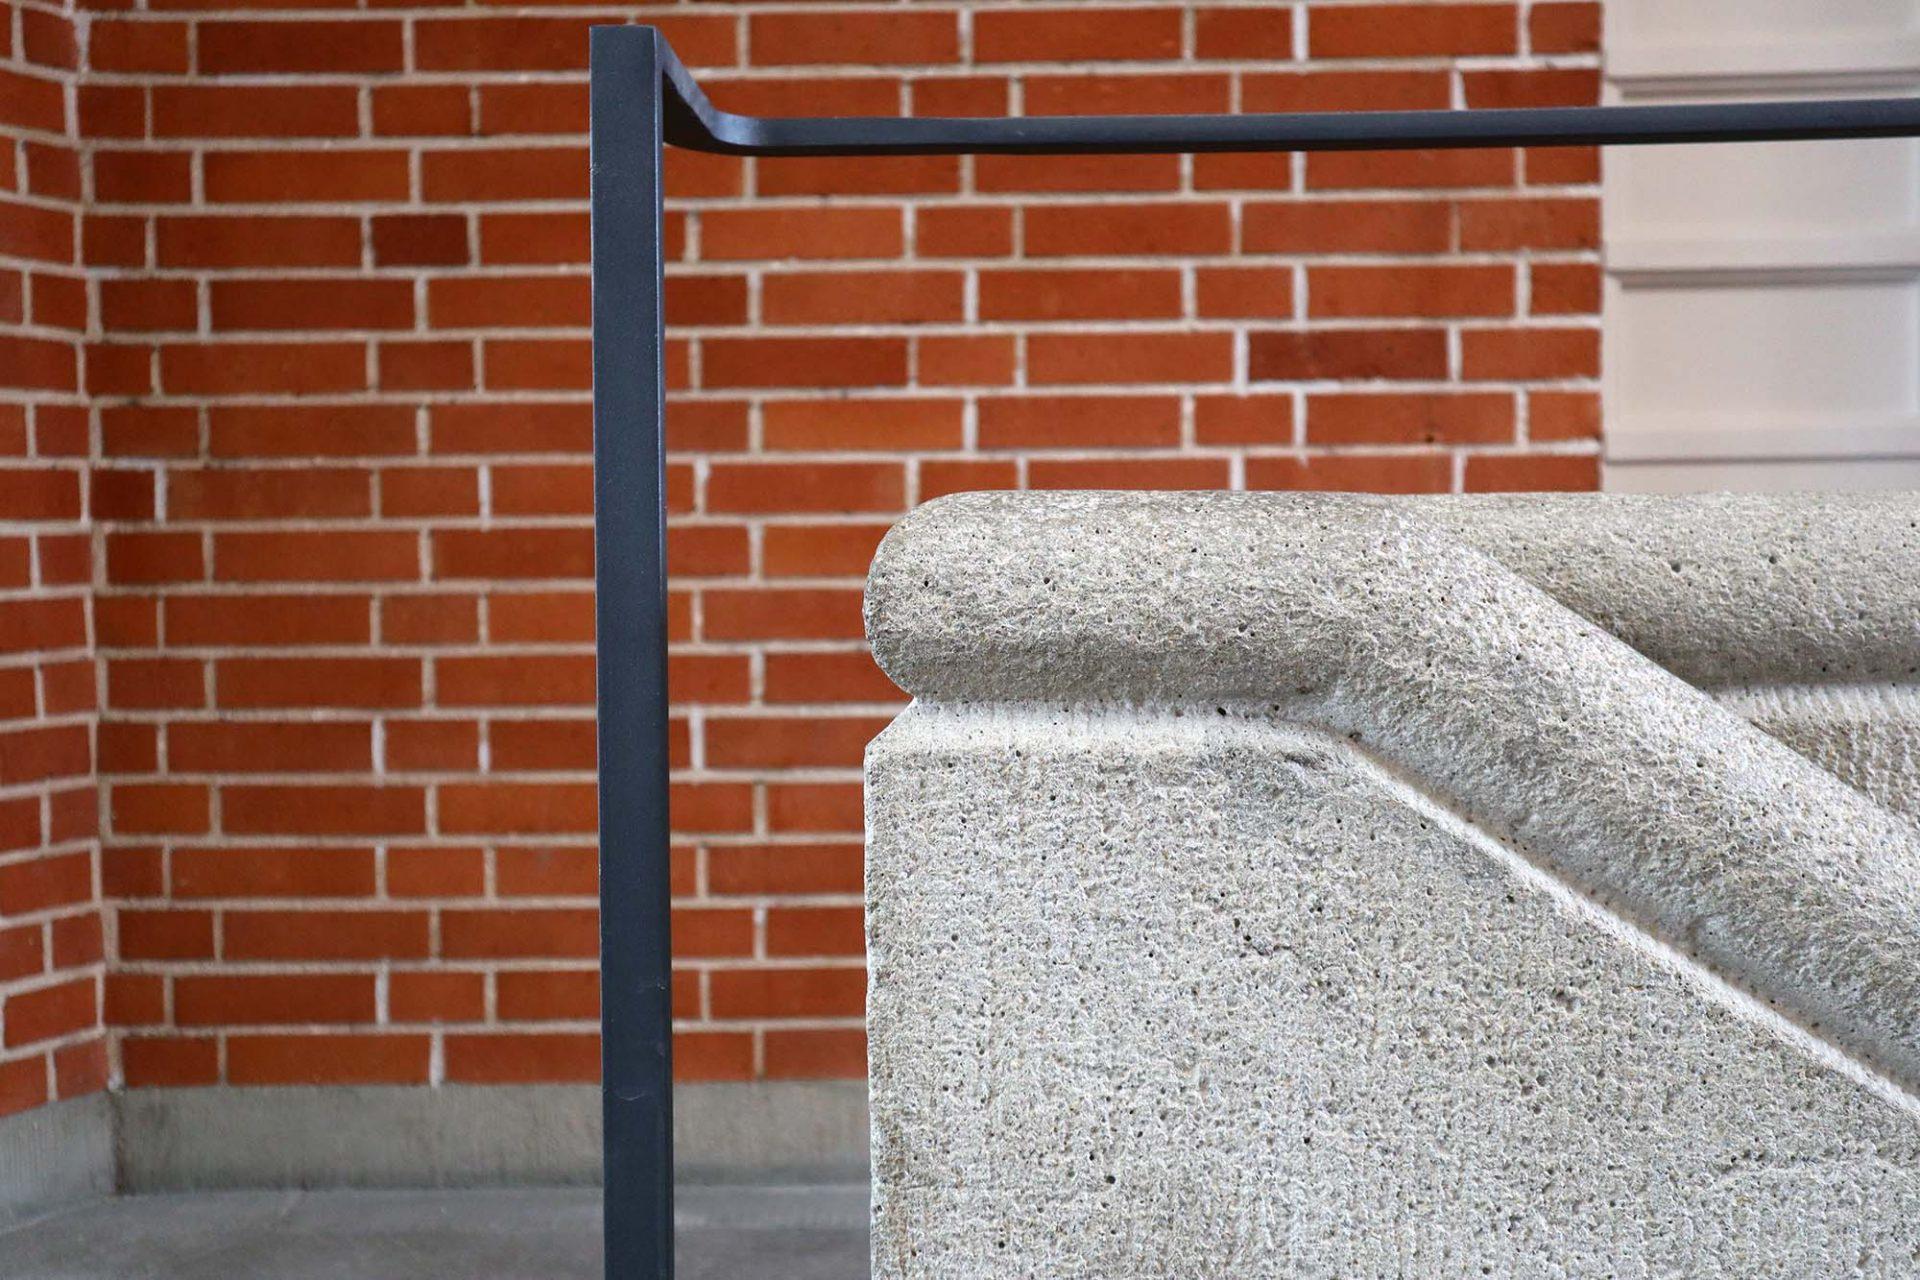 Hochschulstadion. Während der Betonsockel eine besondere Oberflächenbehandlung erhielt, ließ Alker im Innenraum den Kunststein von Steinmetzen bearbeiten.